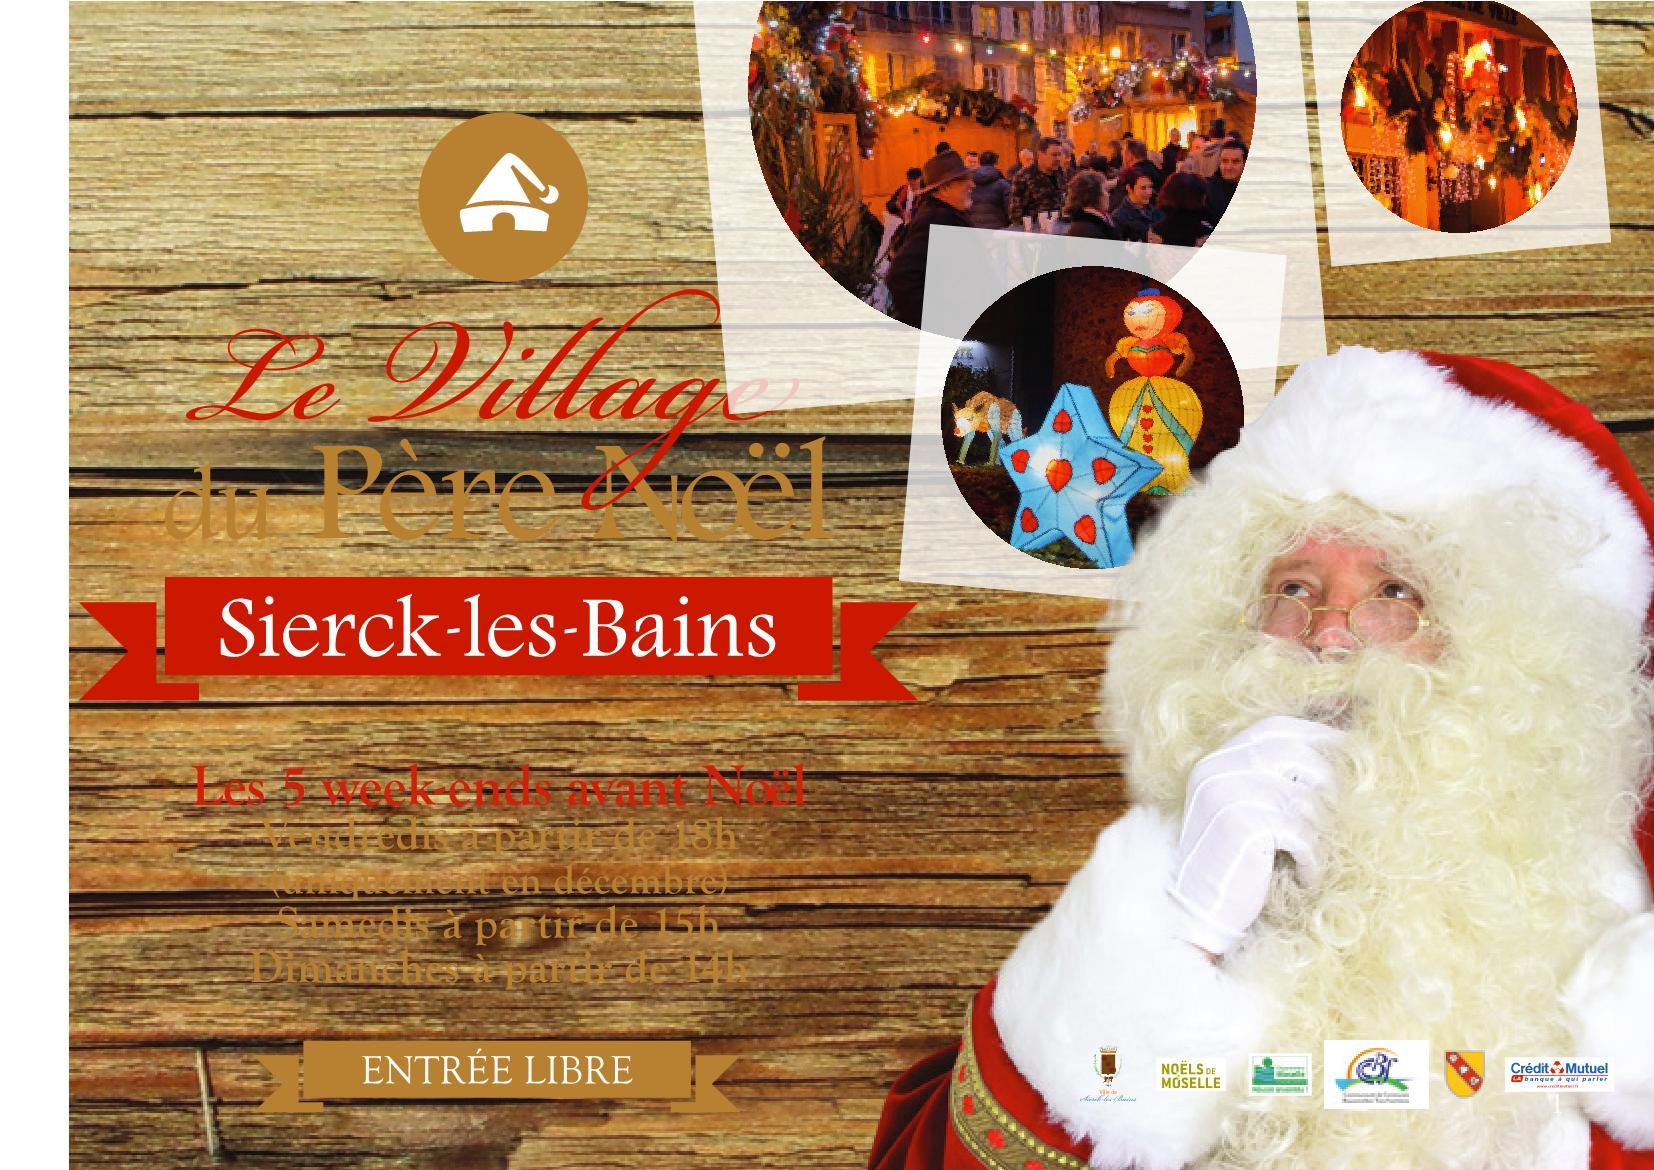 Programme Village de Noël 2017 à Sierck-lès-Bains